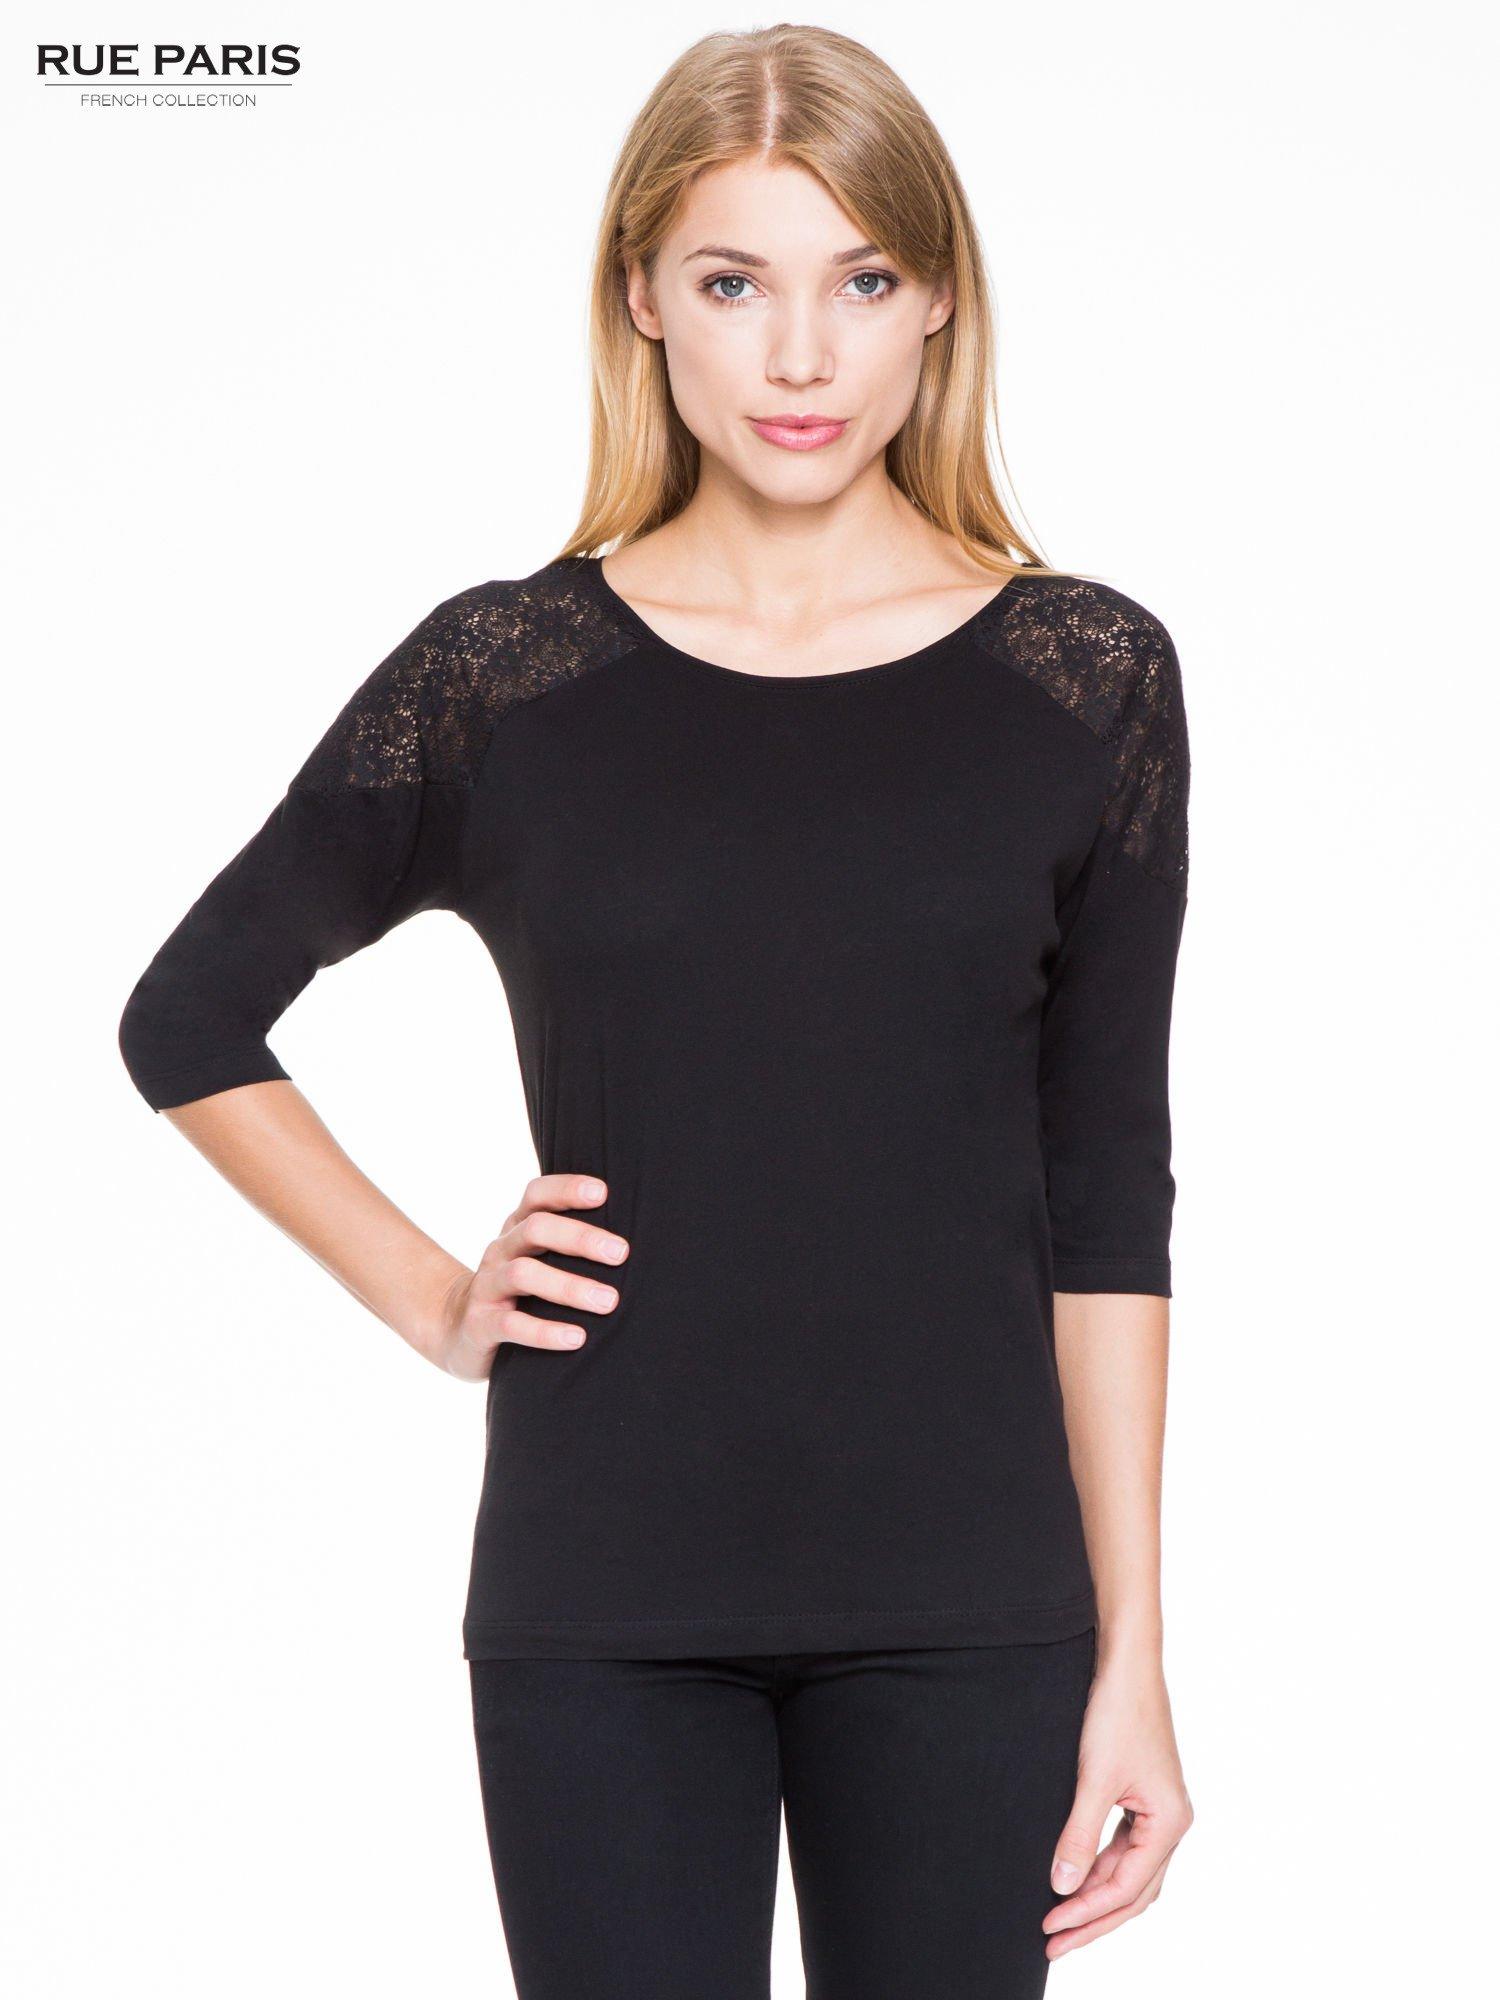 Czarna bluzka z koronkową wstawką na ramionach                                  zdj.                                  1